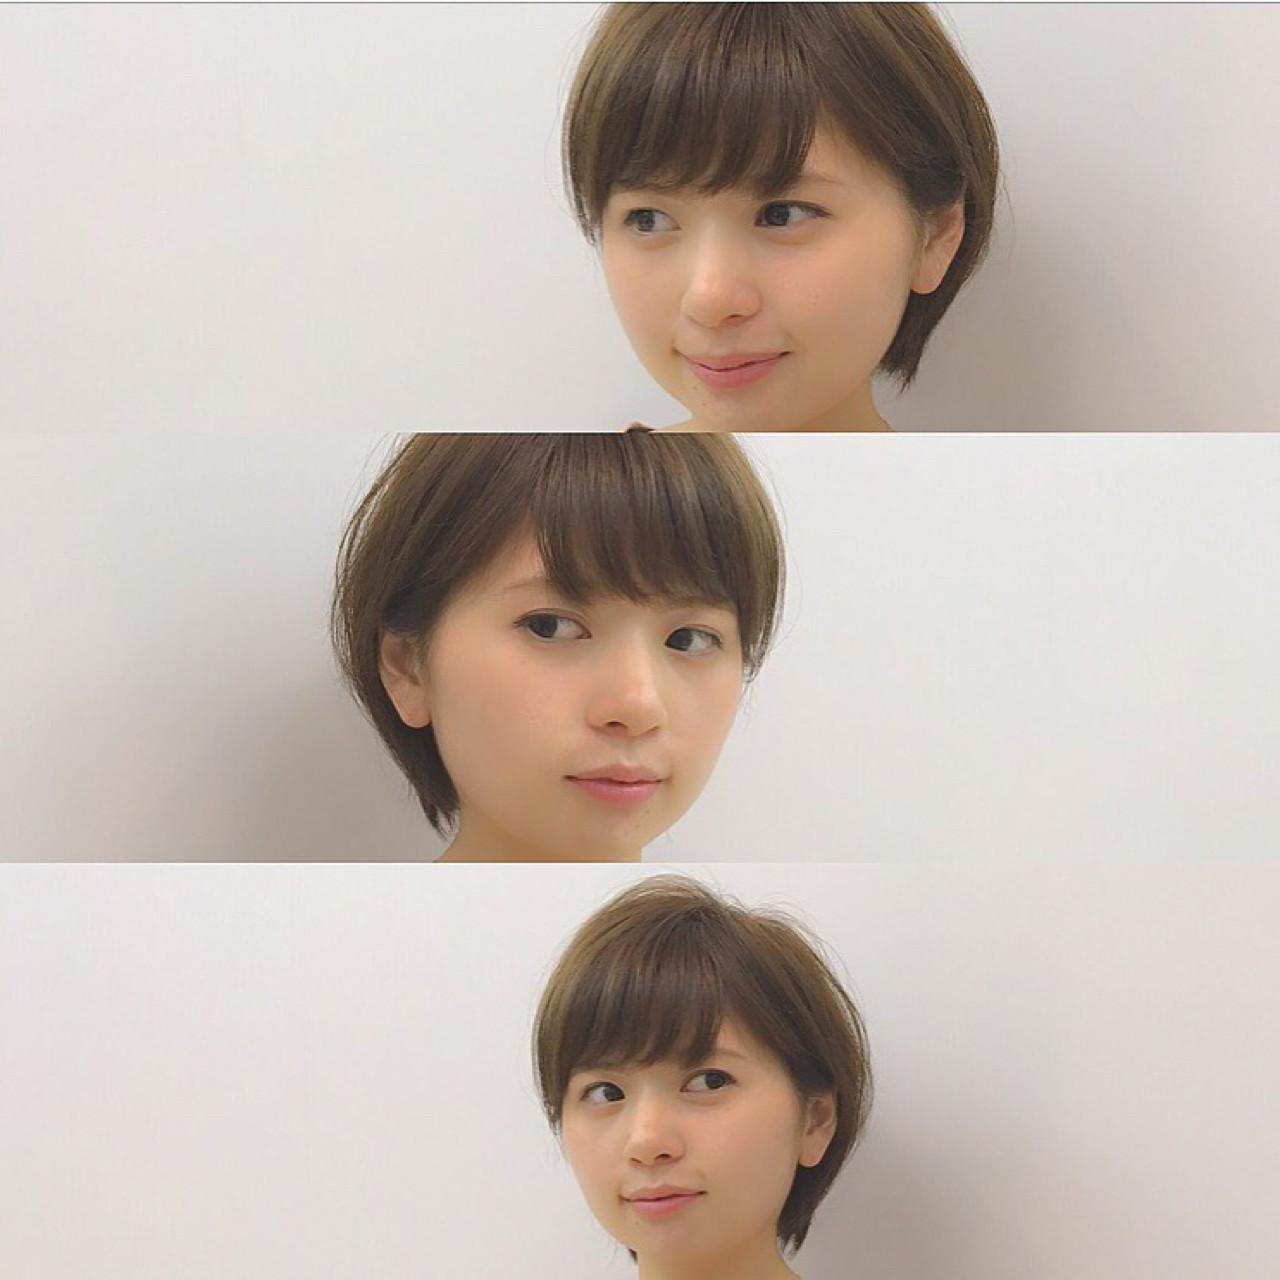 ボブ 耳かけ 小顔 ショートボブ ヘアスタイルや髪型の写真・画像 | Chiaki Mori / M.SLASH FIEL